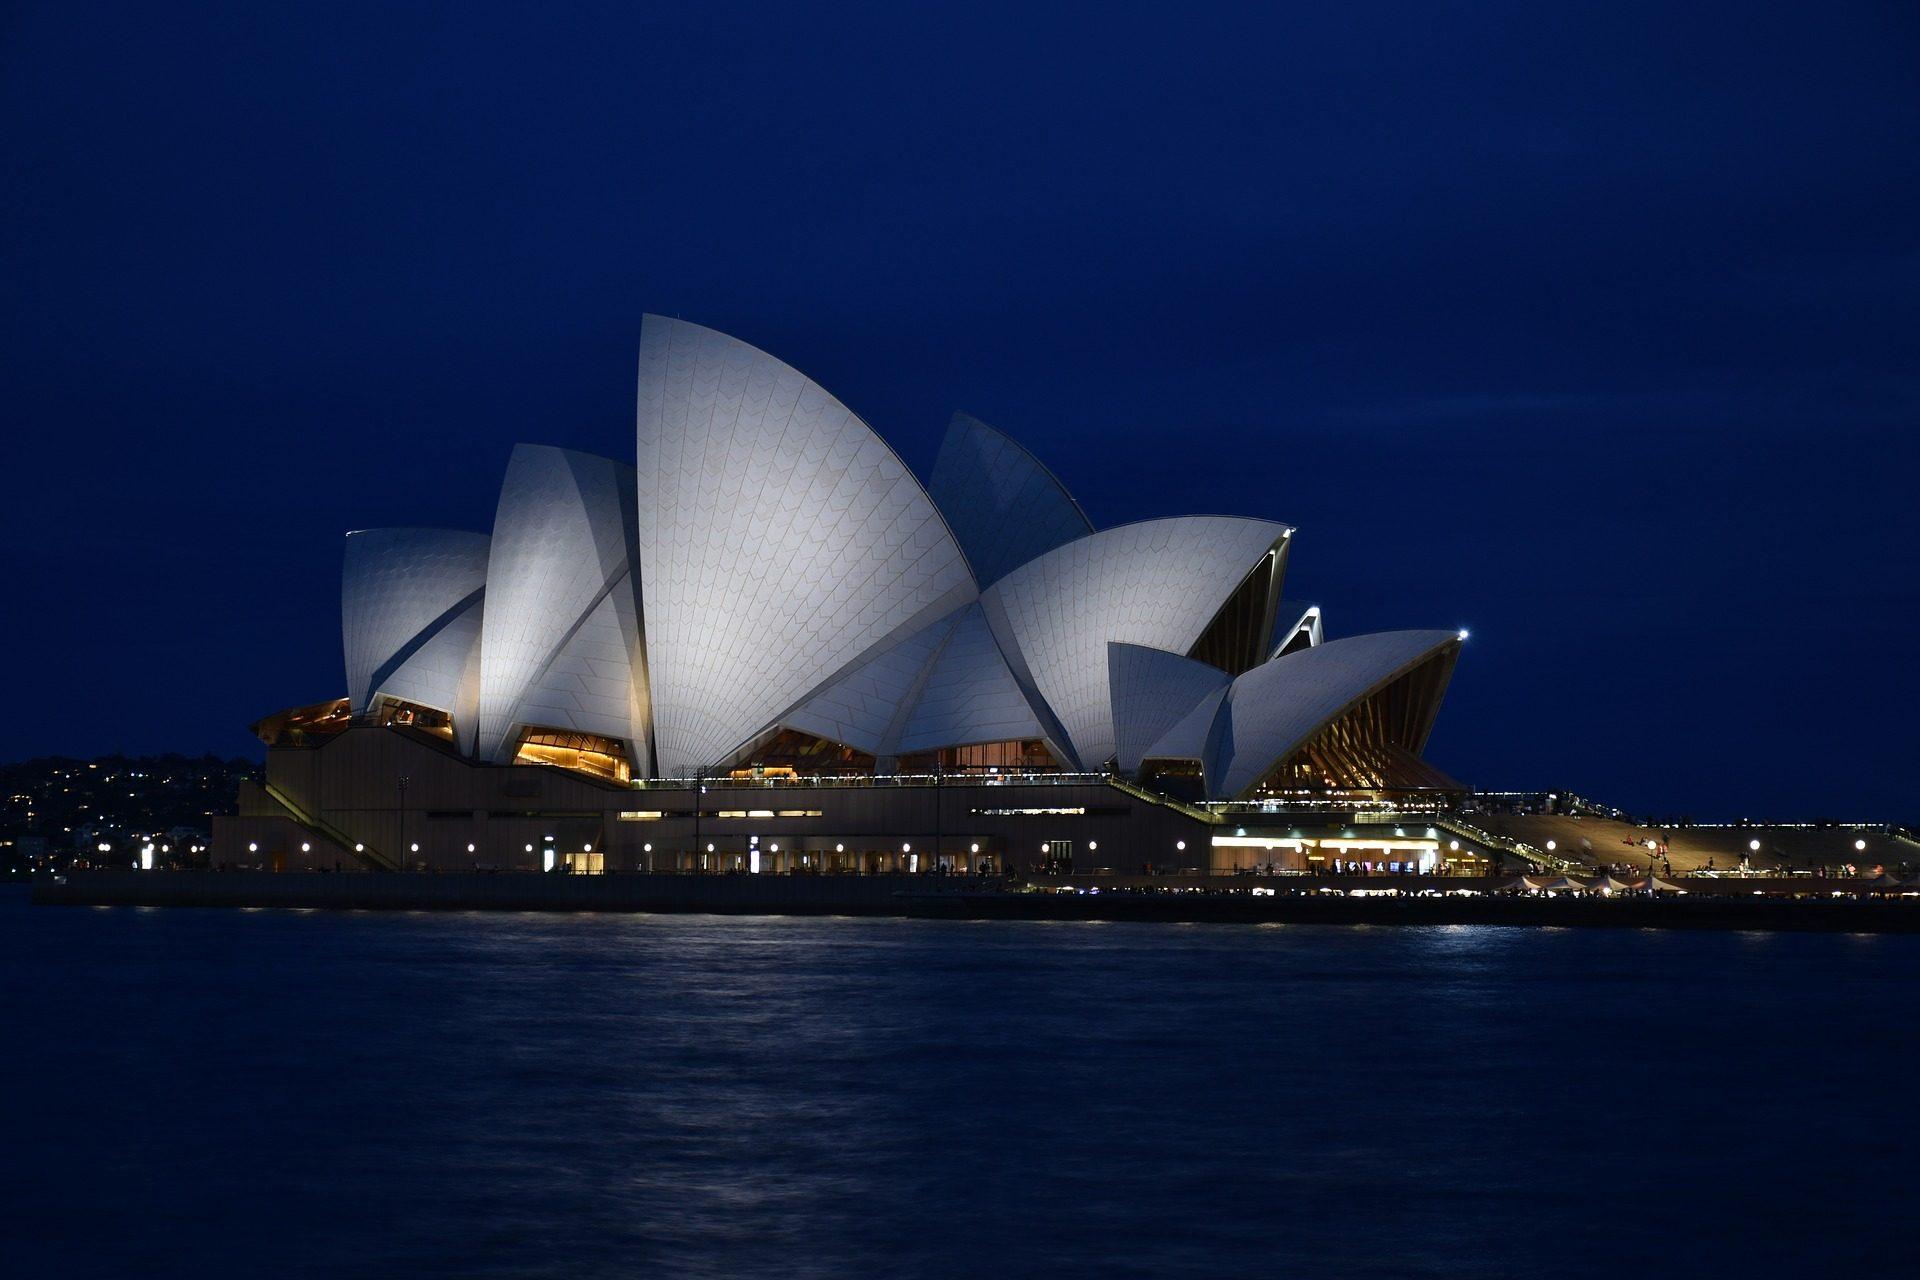 здание, Архитектура, Роман, Опера, Сидней, Австралия - Обои HD - Профессор falken.com